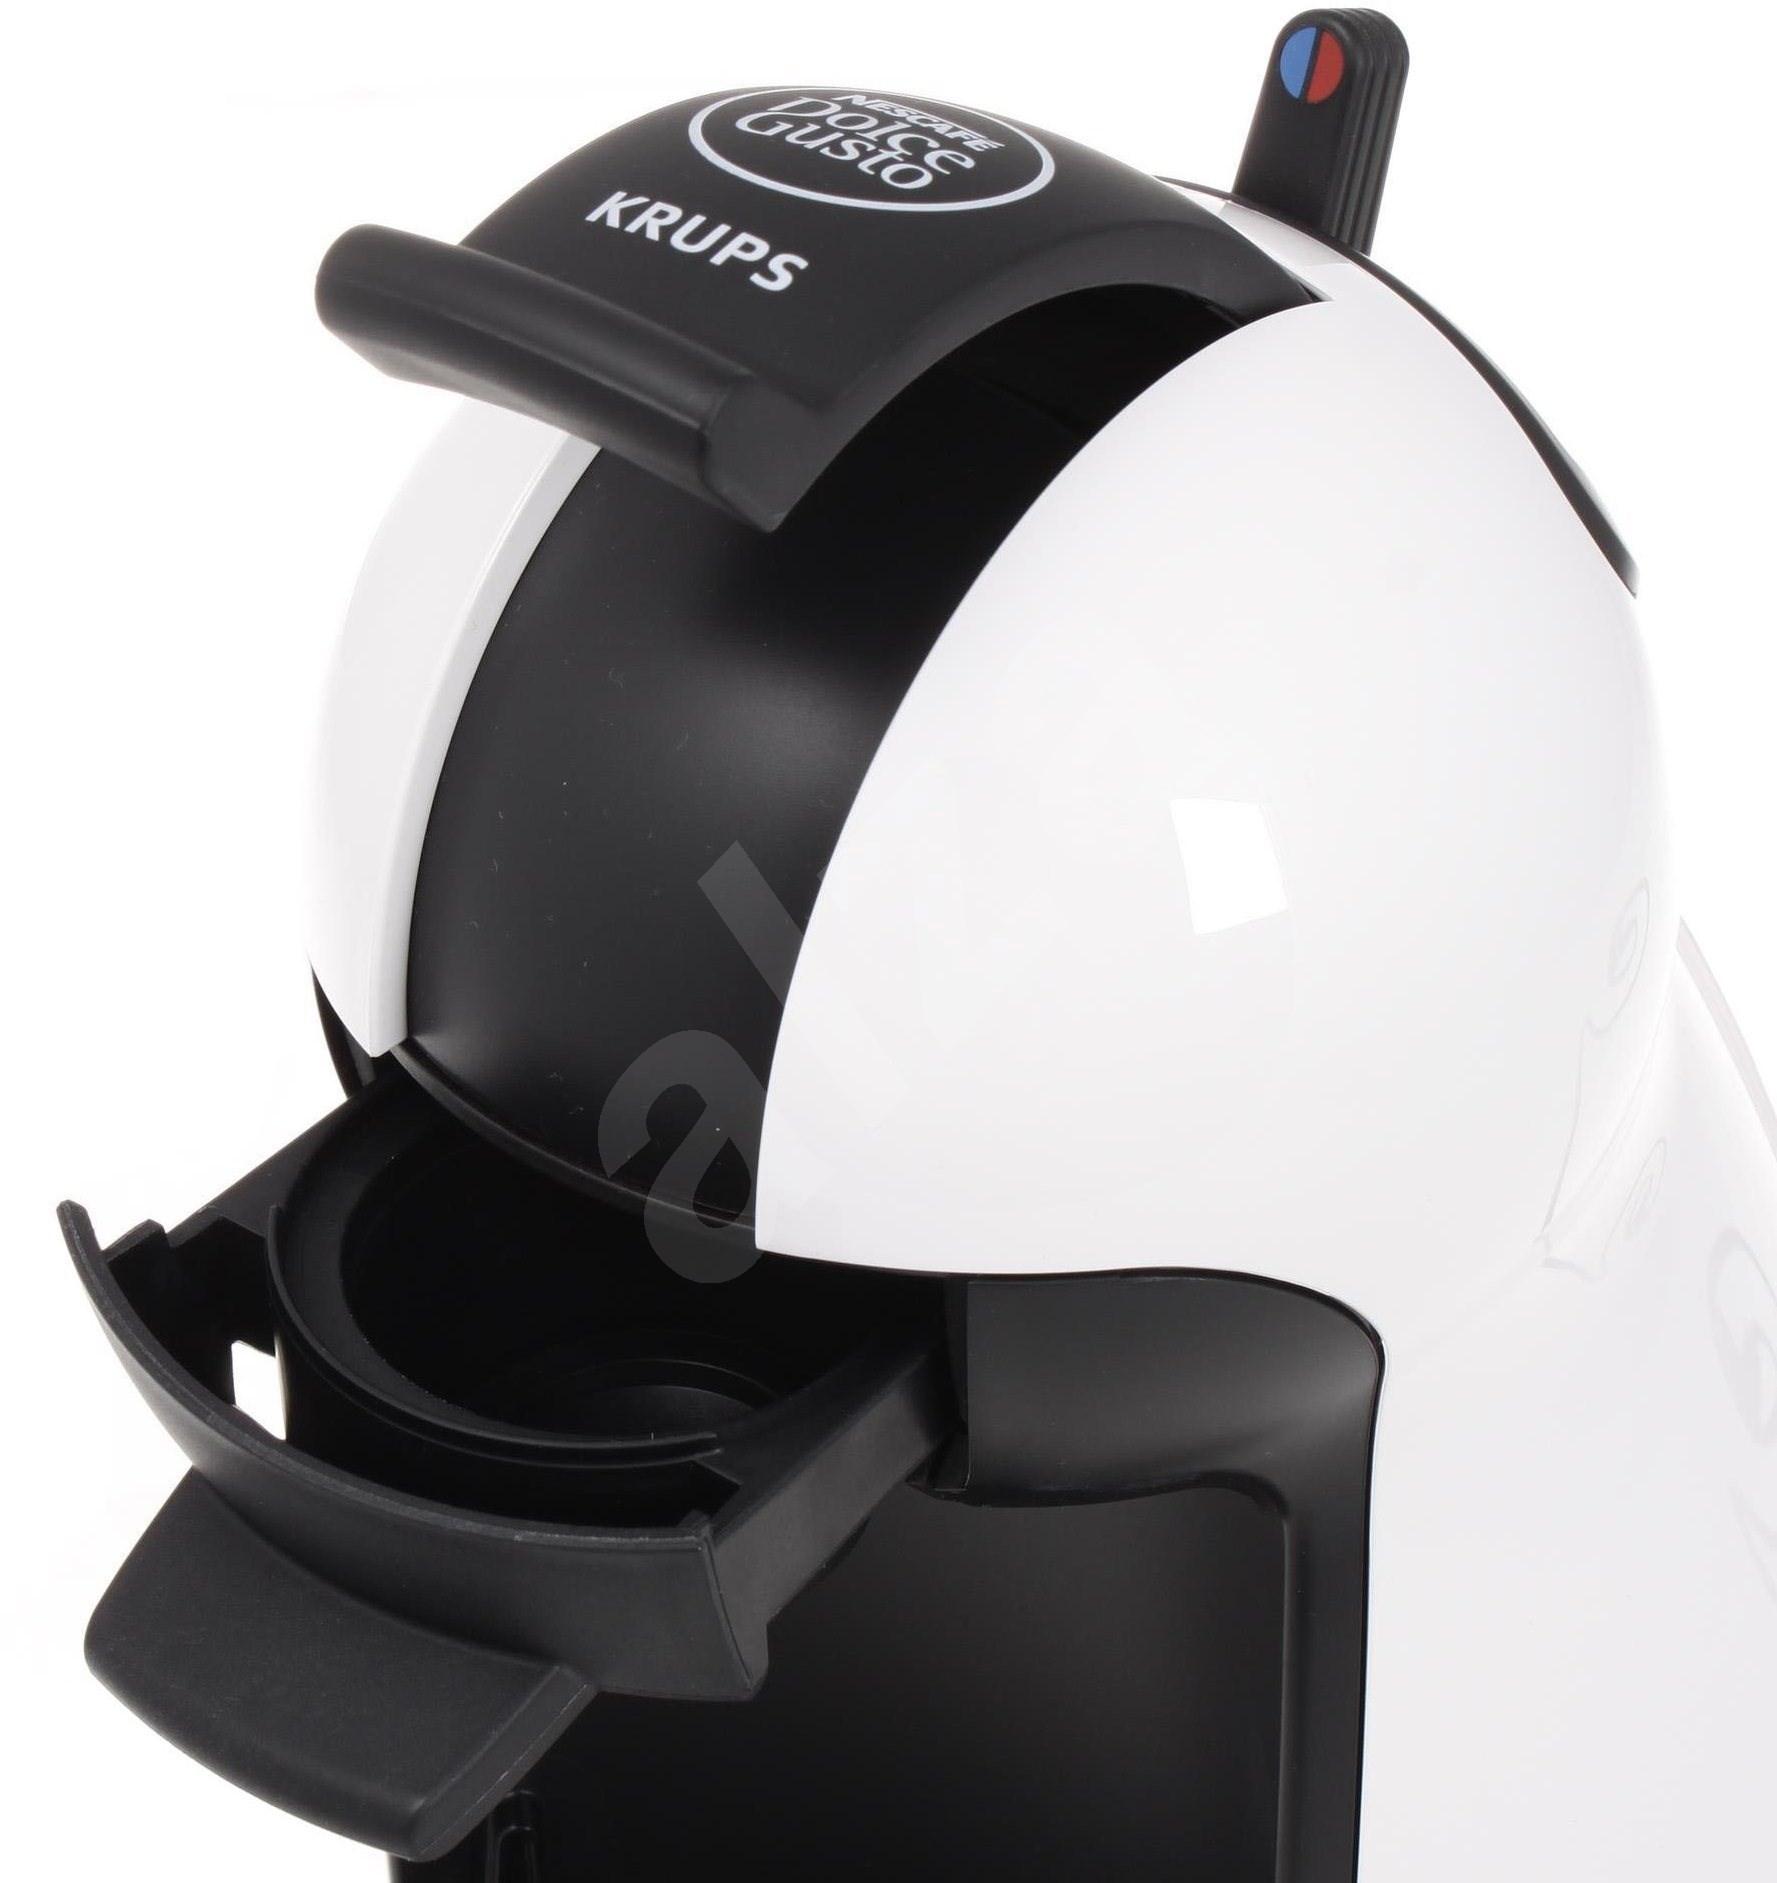 kp1002e2 krups nescaf dolce gusto piccolo white espresso machine alzasho. Black Bedroom Furniture Sets. Home Design Ideas